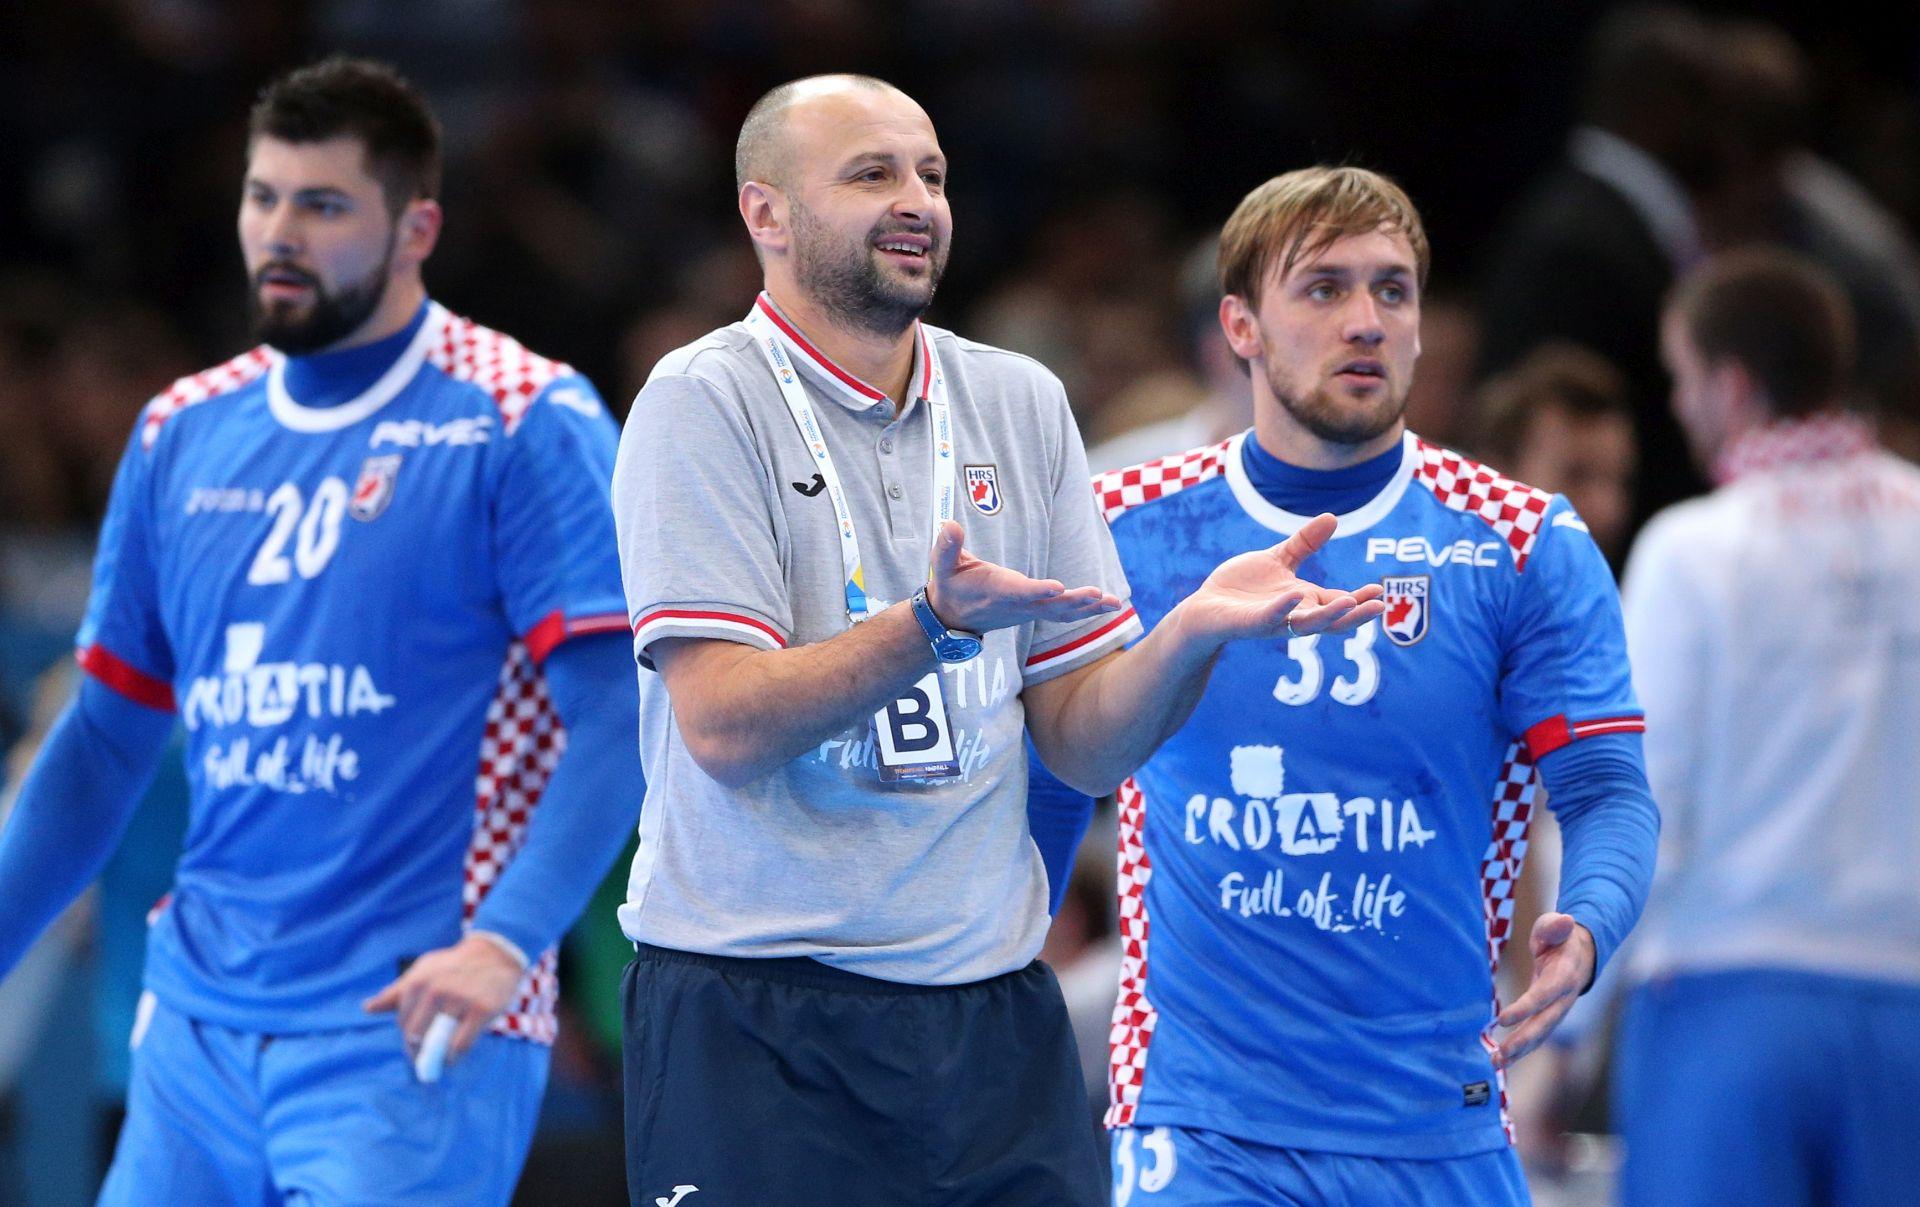 SP RUKOMET Babić: 'Moramo se sabrati i sutra uzeti medalju'